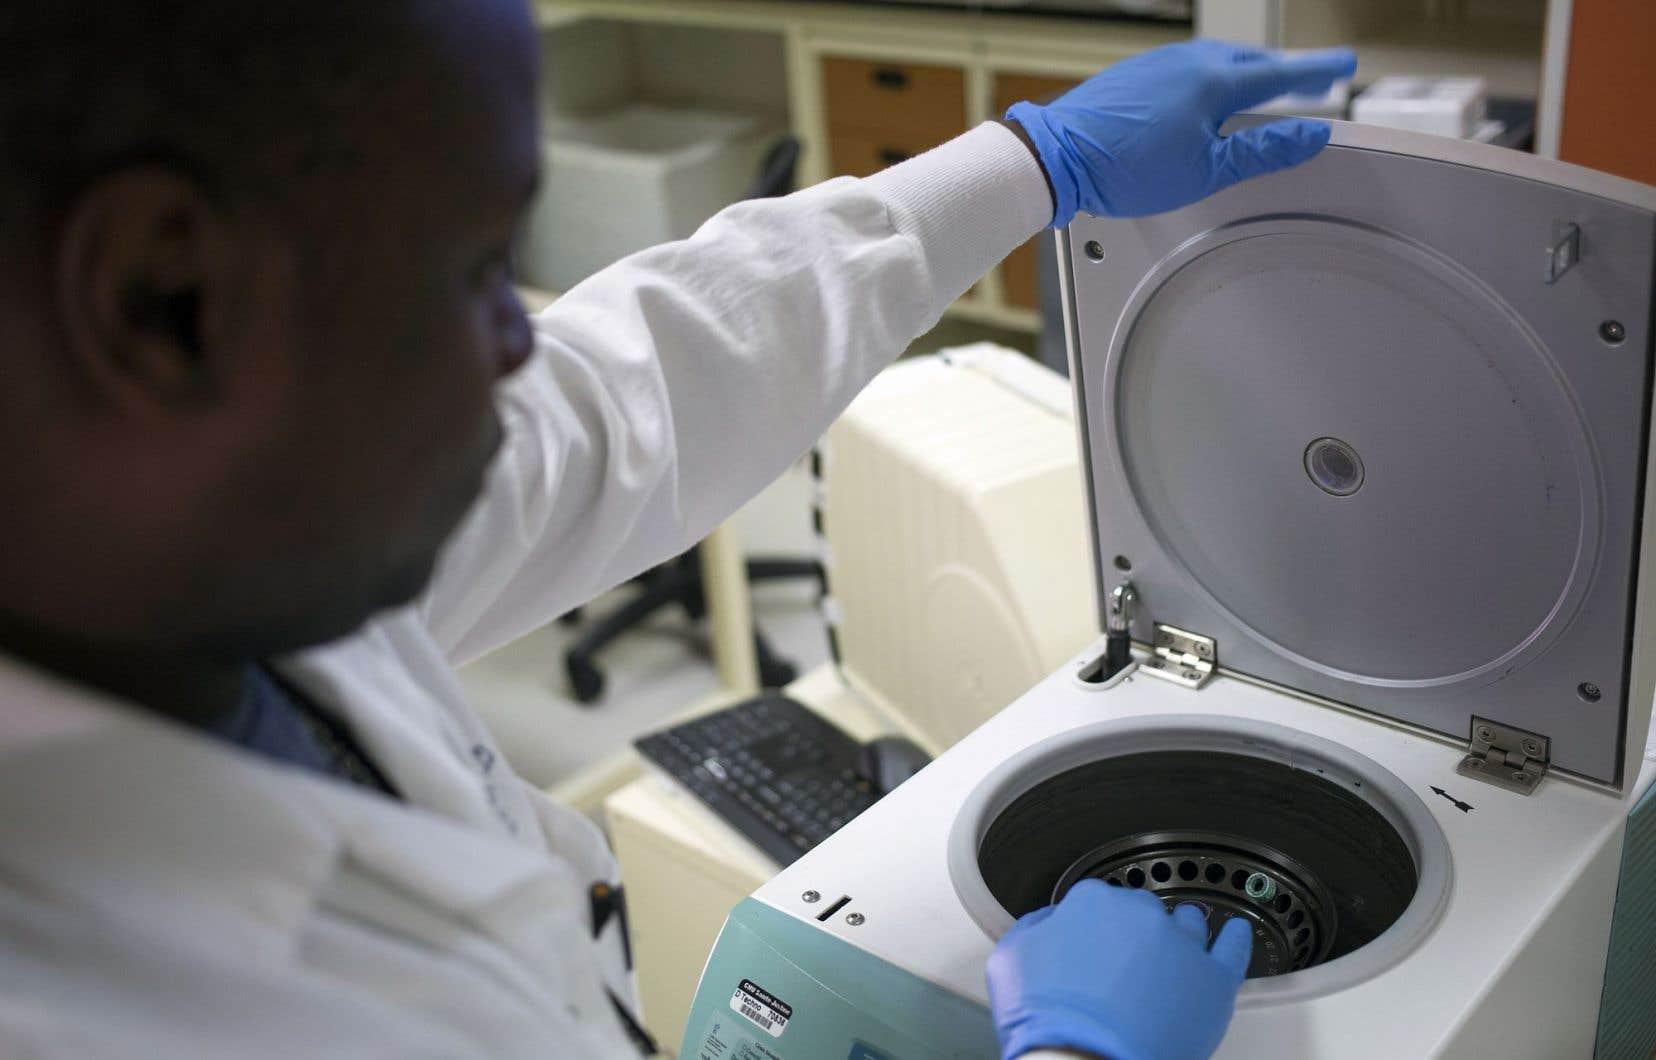 Les laboratoires de Sainte-Justine sont un exemple de précision et de rapidité. Les médecins de l'hôpital pour enfants ont peur que les bénéfices de la recherche pâtissent du transport et des manipulations engendrés par le projet Optilab.